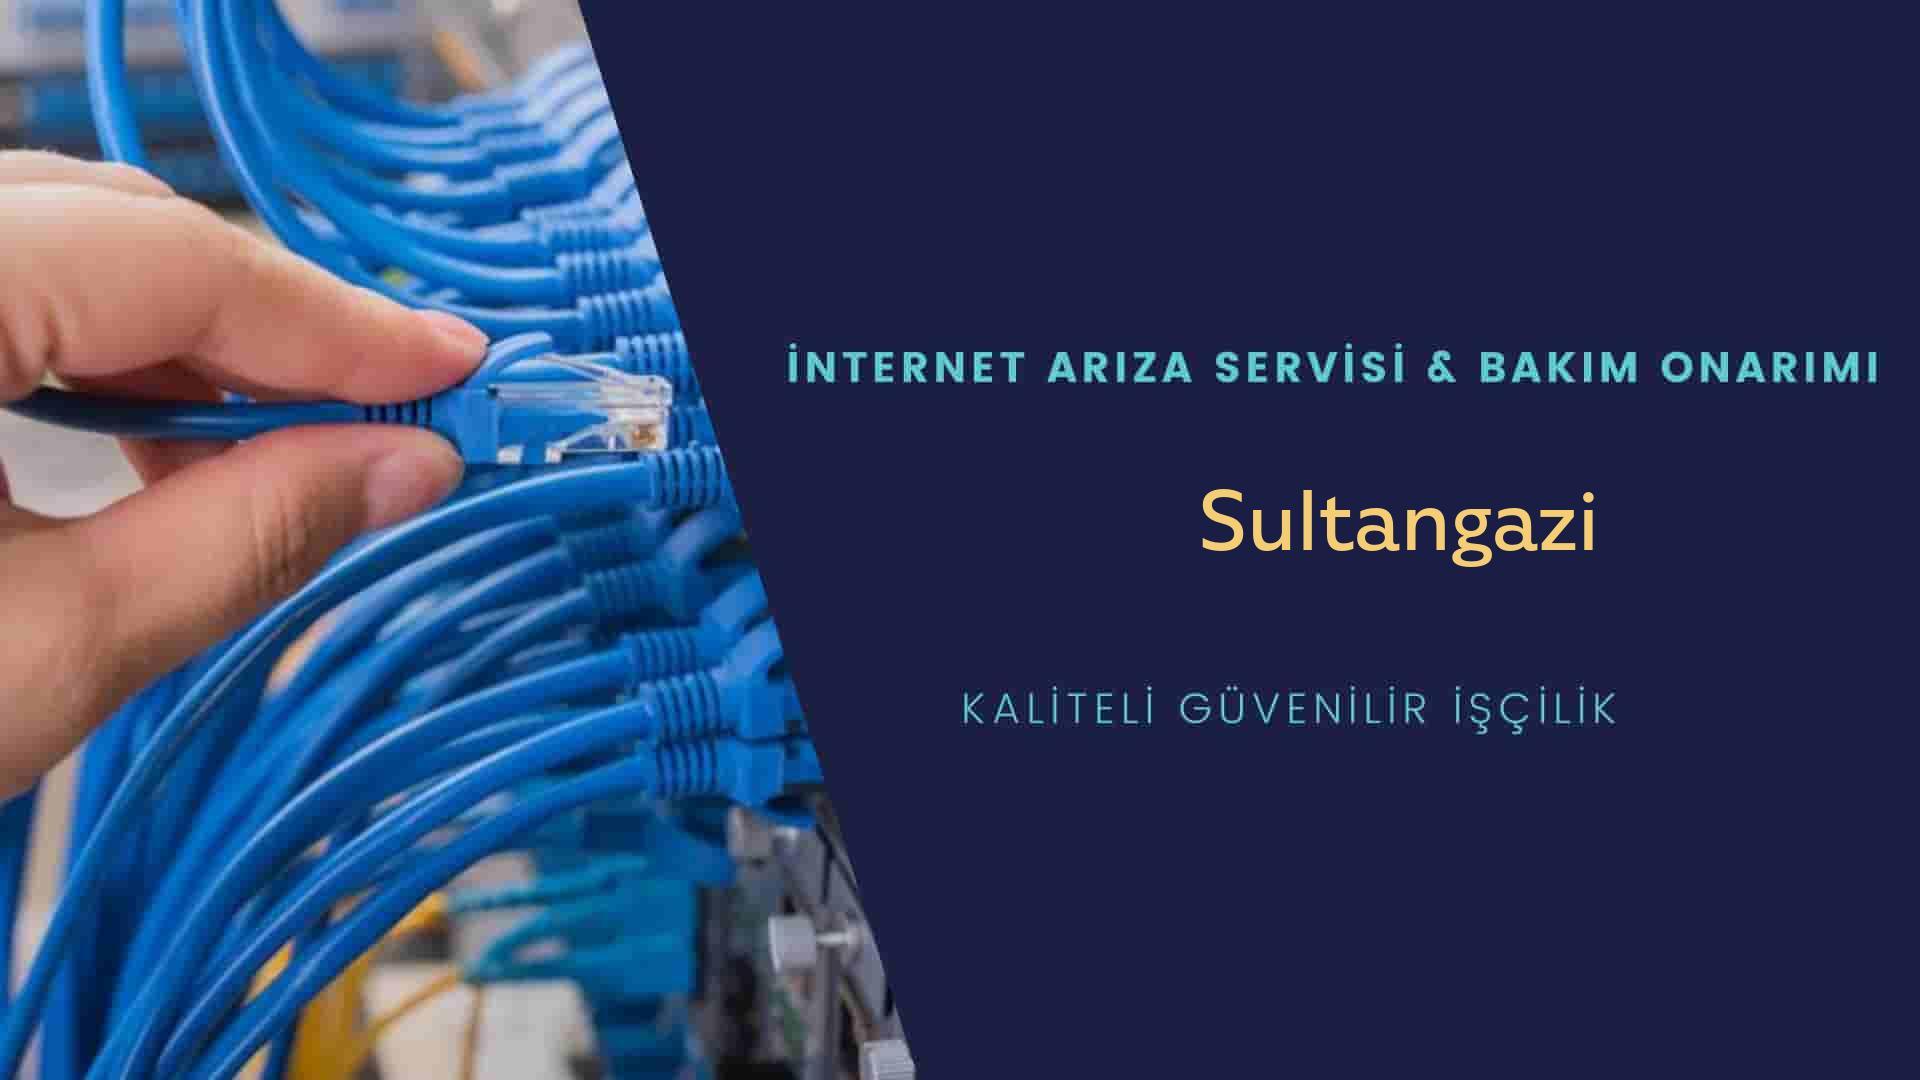 Sultangazi internet kablosu çekimi yapan yerler veya elektrikçiler mi? arıyorsunuz doğru yerdesiniz o zaman sizlere 7/24 yardımcı olacak profesyonel ustalarımız bir telefon kadar yakındır size.